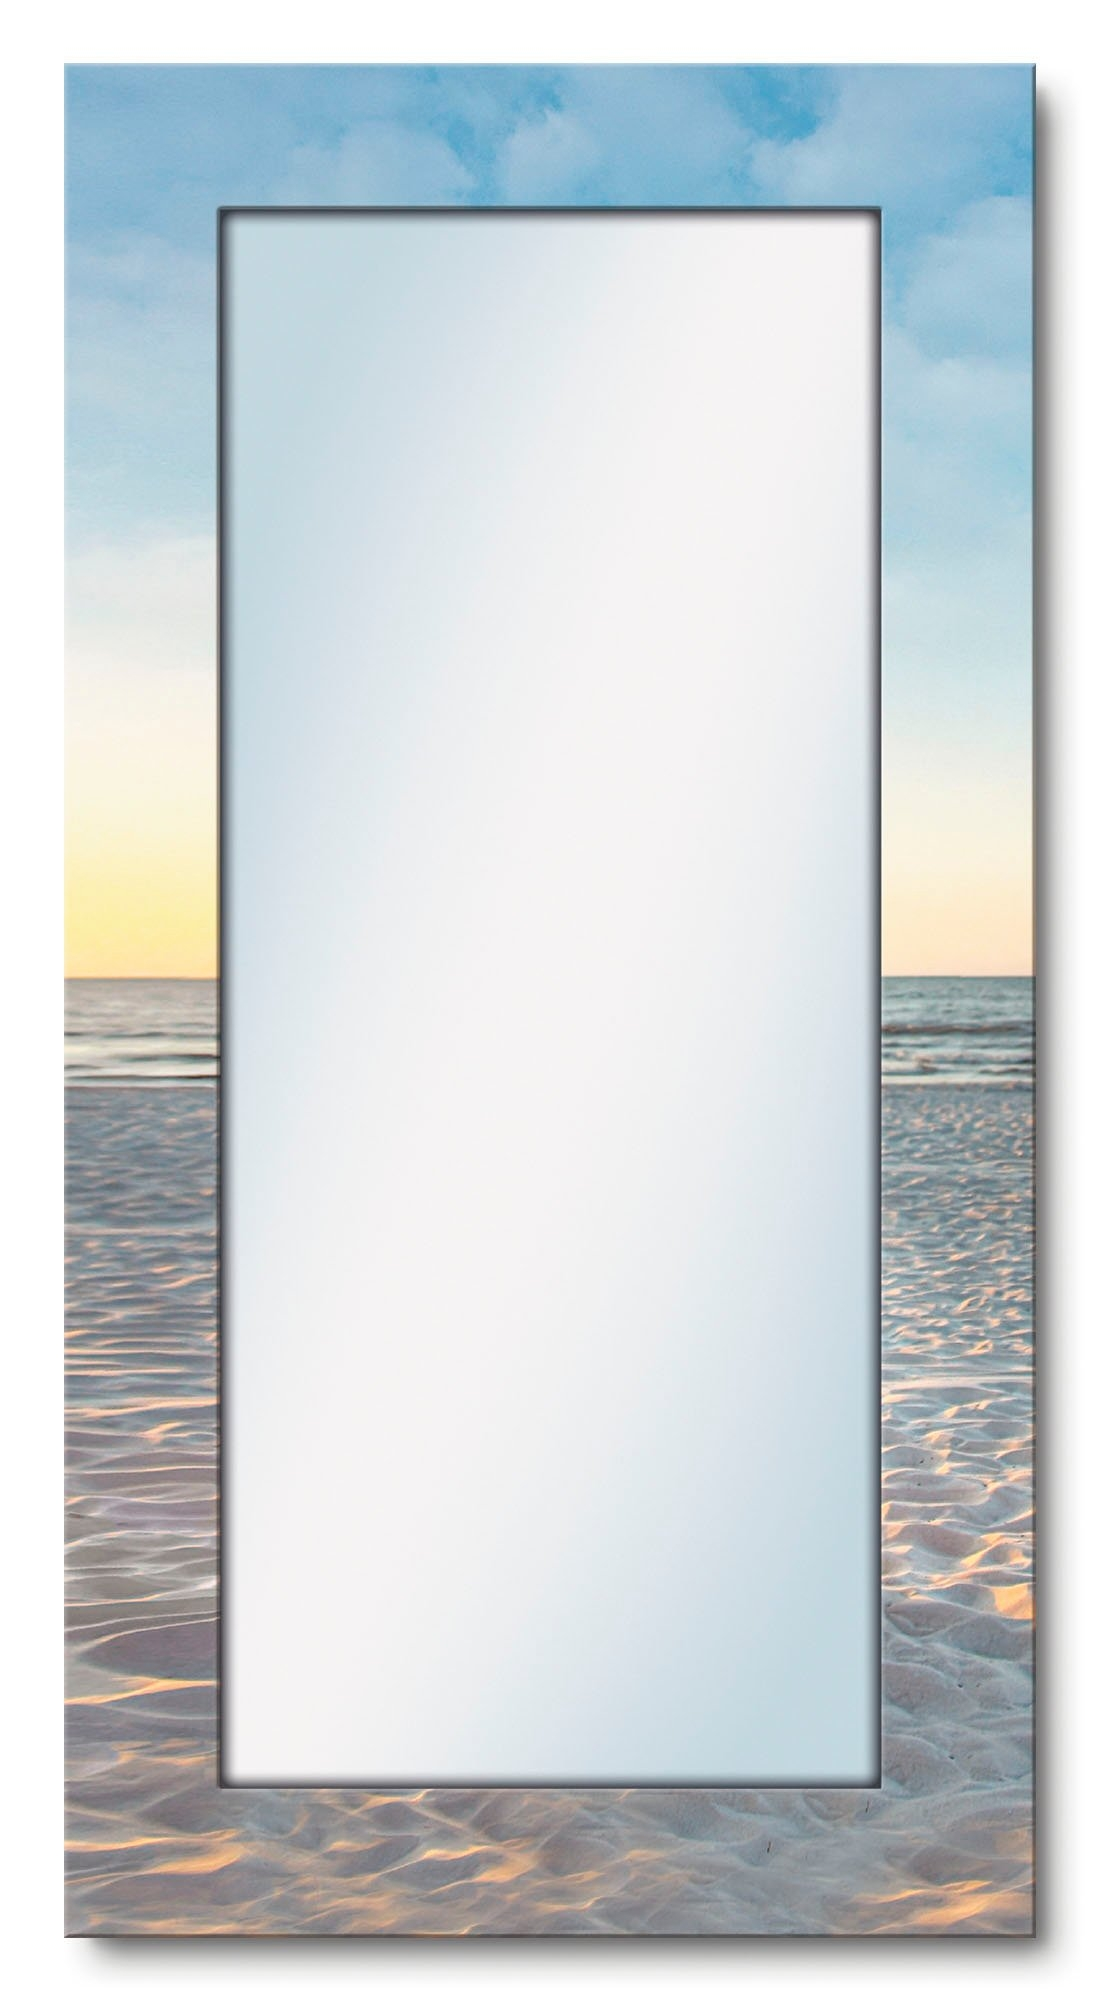 Artland wandspiegel Ostsee7 - strandstoel ingelijste spiegel voor het hele lichaam met motiefrand, geschikt voor kleine, smalle hal, halspiegel, mirror spiegel omrand om op te hangen bij OTTO online kopen